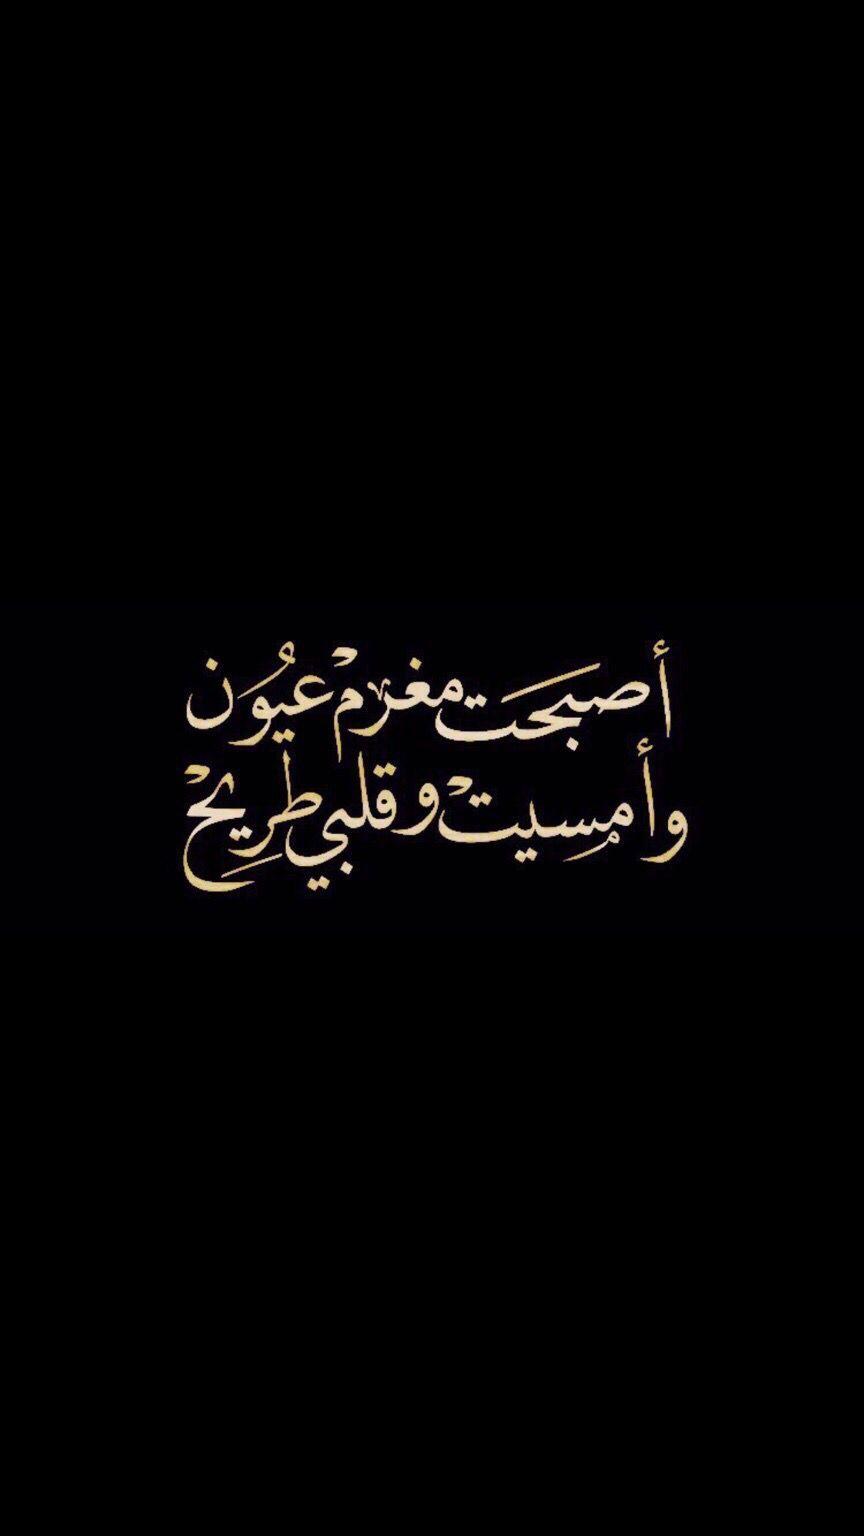 عبادي الجوهر عبدالمجيد Love Smile Quotes Funny Arabic Quotes Pretty Quotes